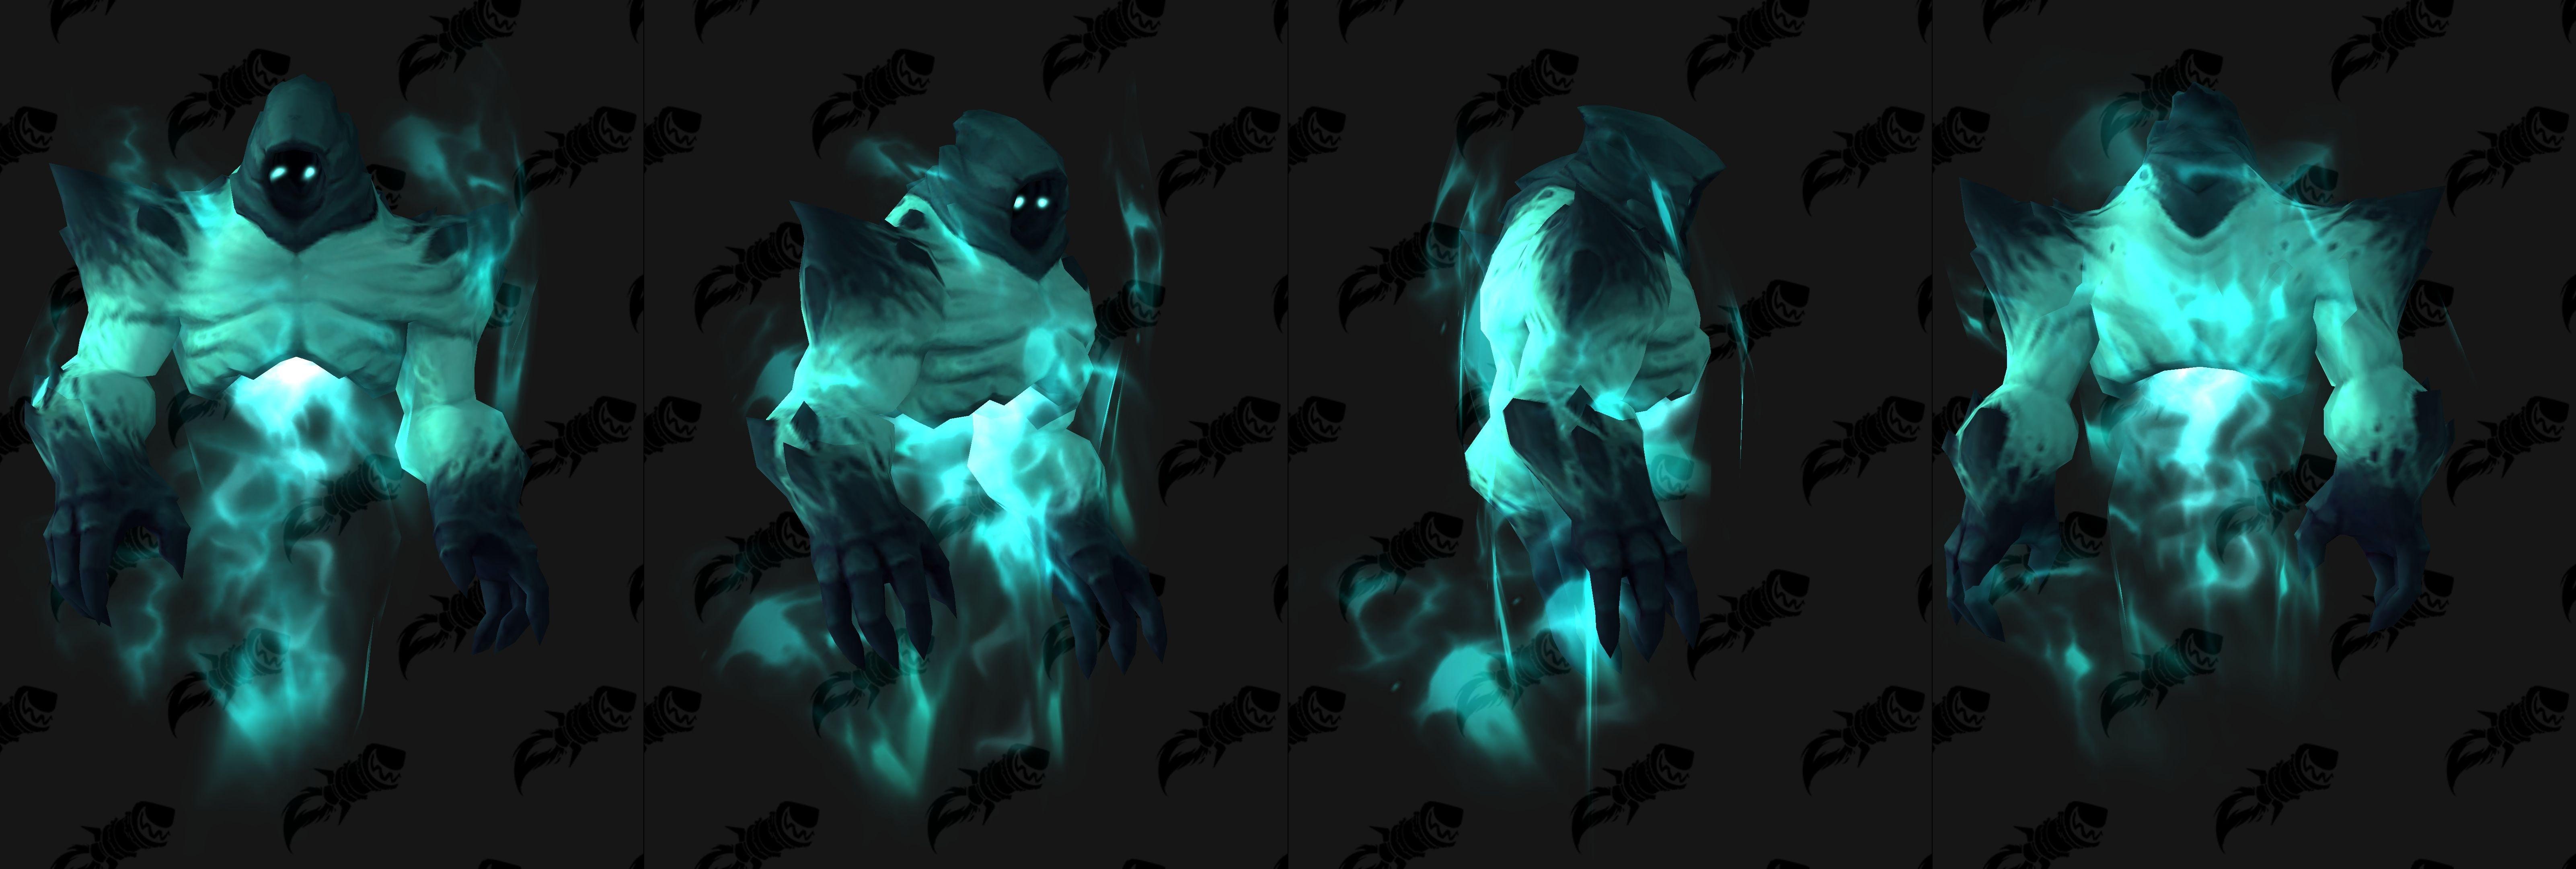 Modèle d'élémentaire fantôme